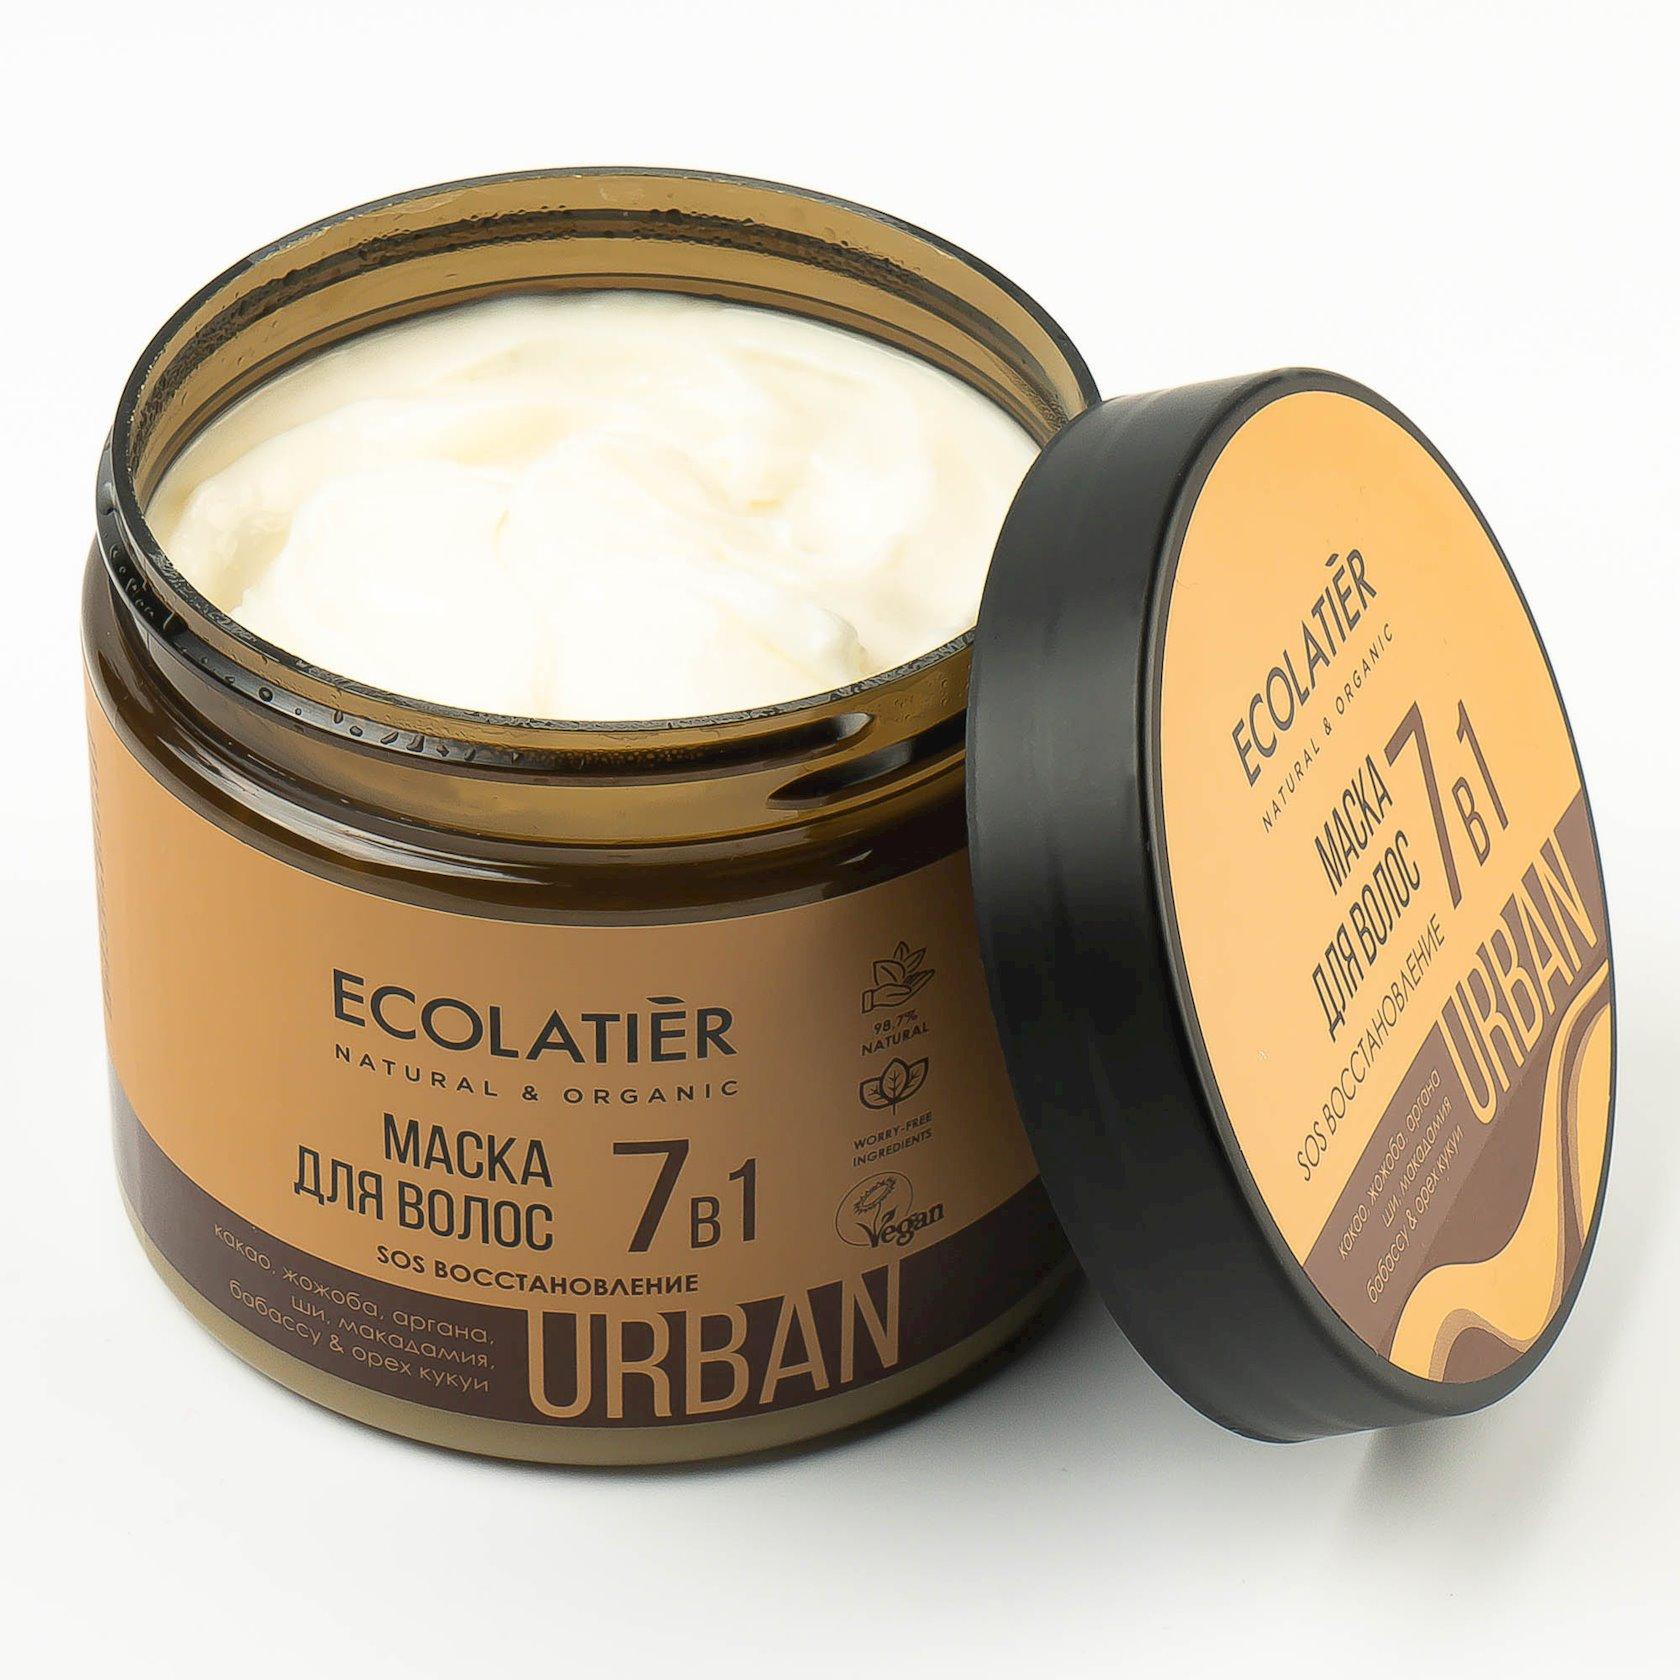 Maska saçlar üçün Ecolatier Urban SOS Bərpa 7si 1də kakao və jojoba 380 ml